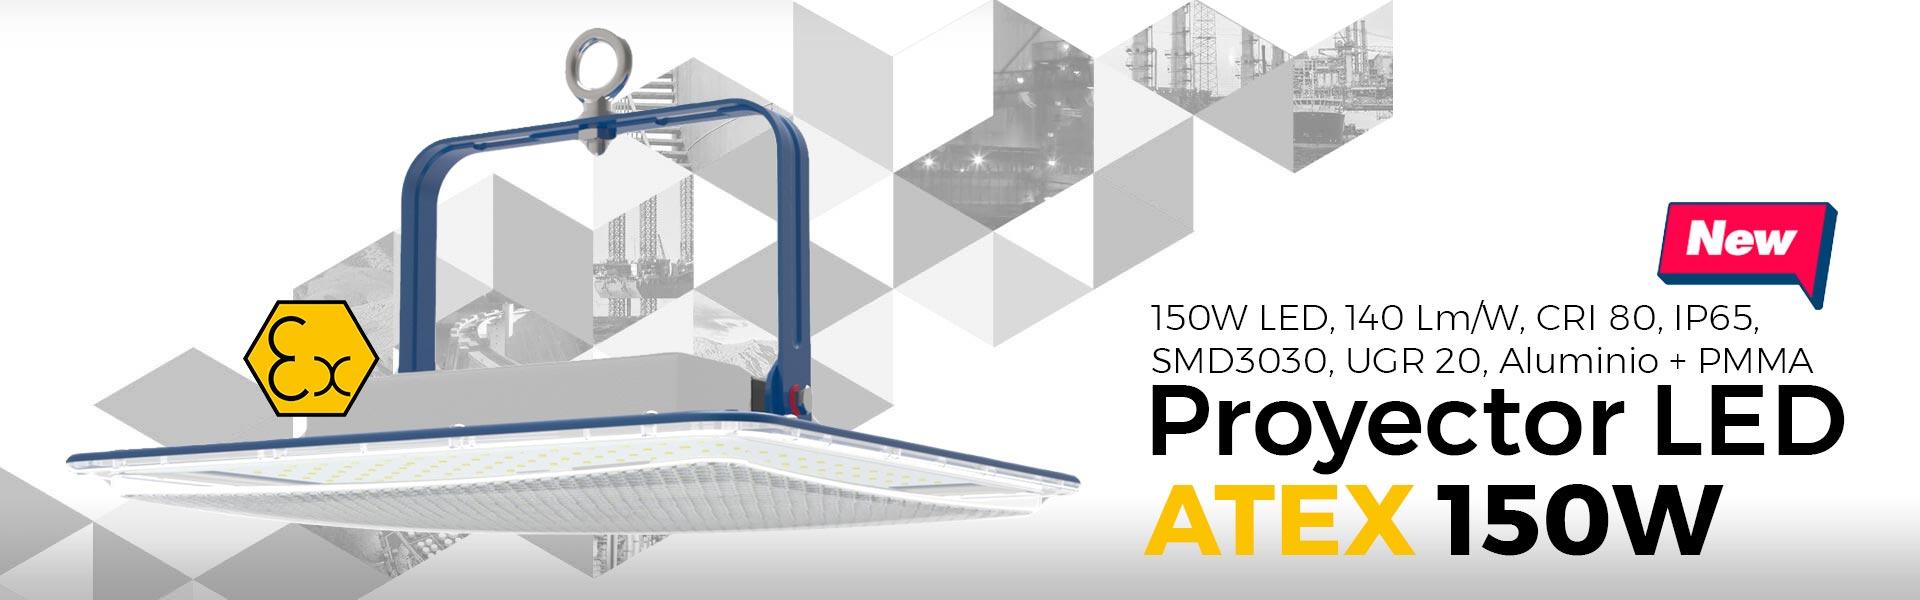 Comprar proyector LED para gasolineras con certificado ATEX - 150W LED